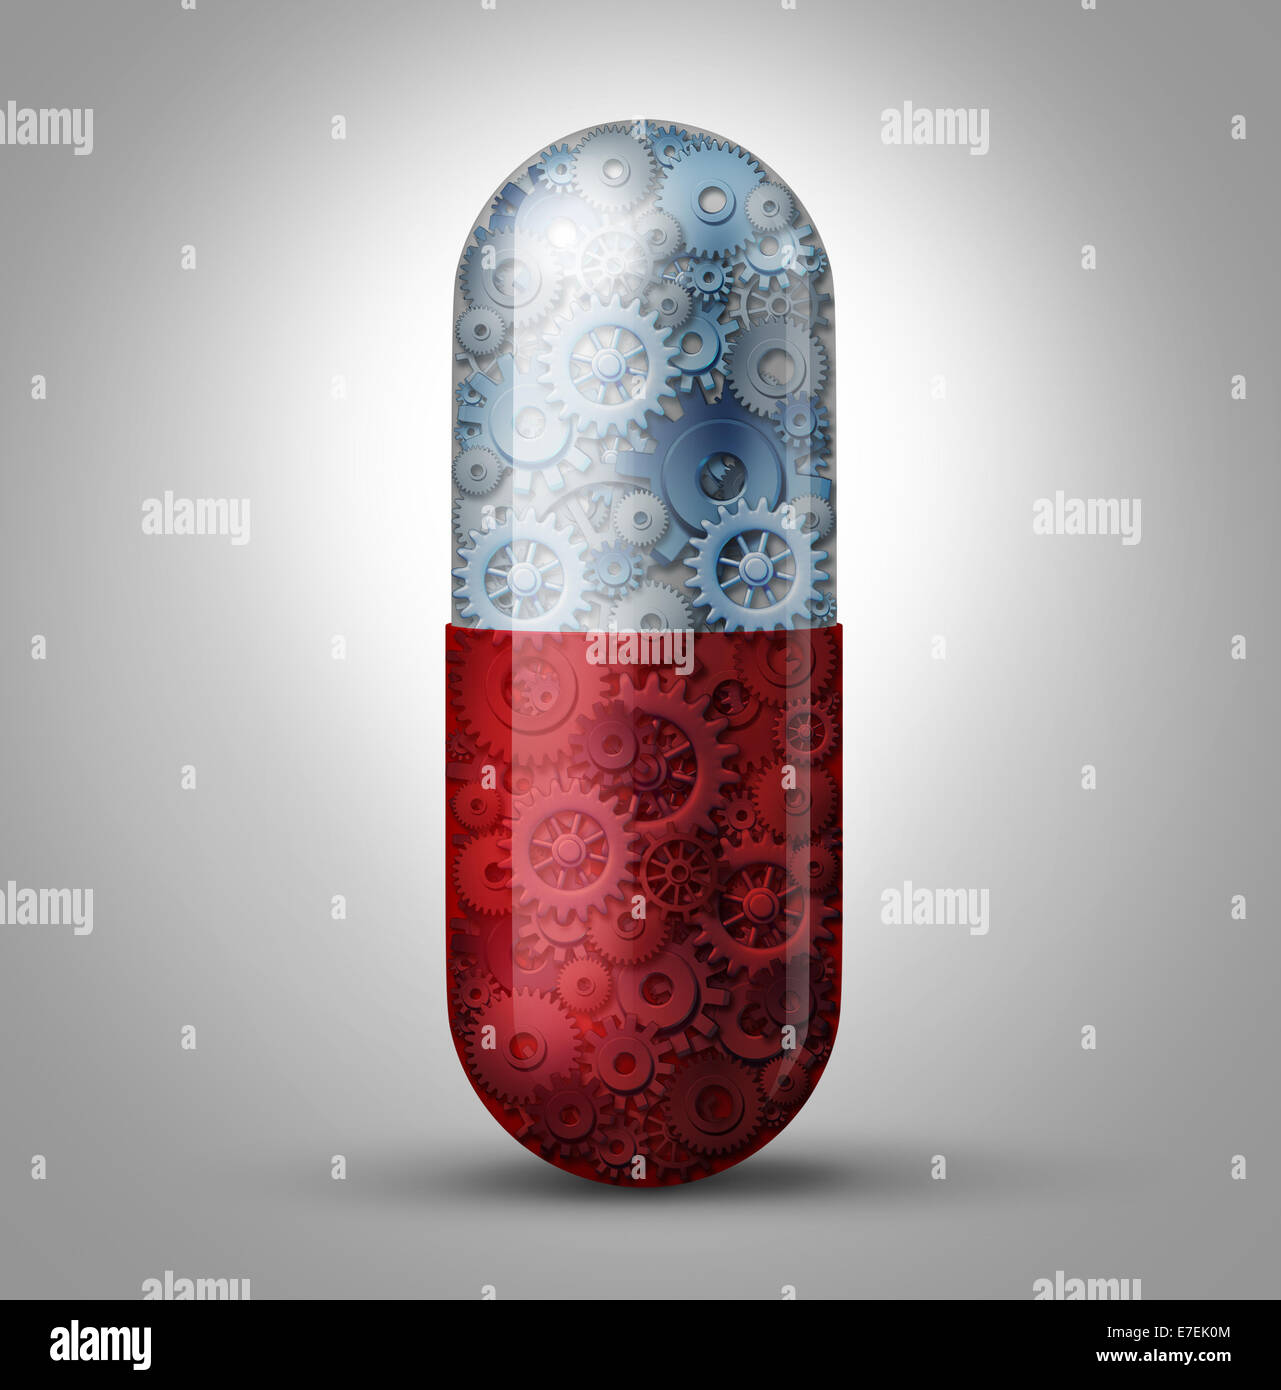 Zukunft der Medizin und Biotechnologie-Konzept als eine magische Pille Kapsel mit Getriebe und Zahnräder im Inneren Stockfoto